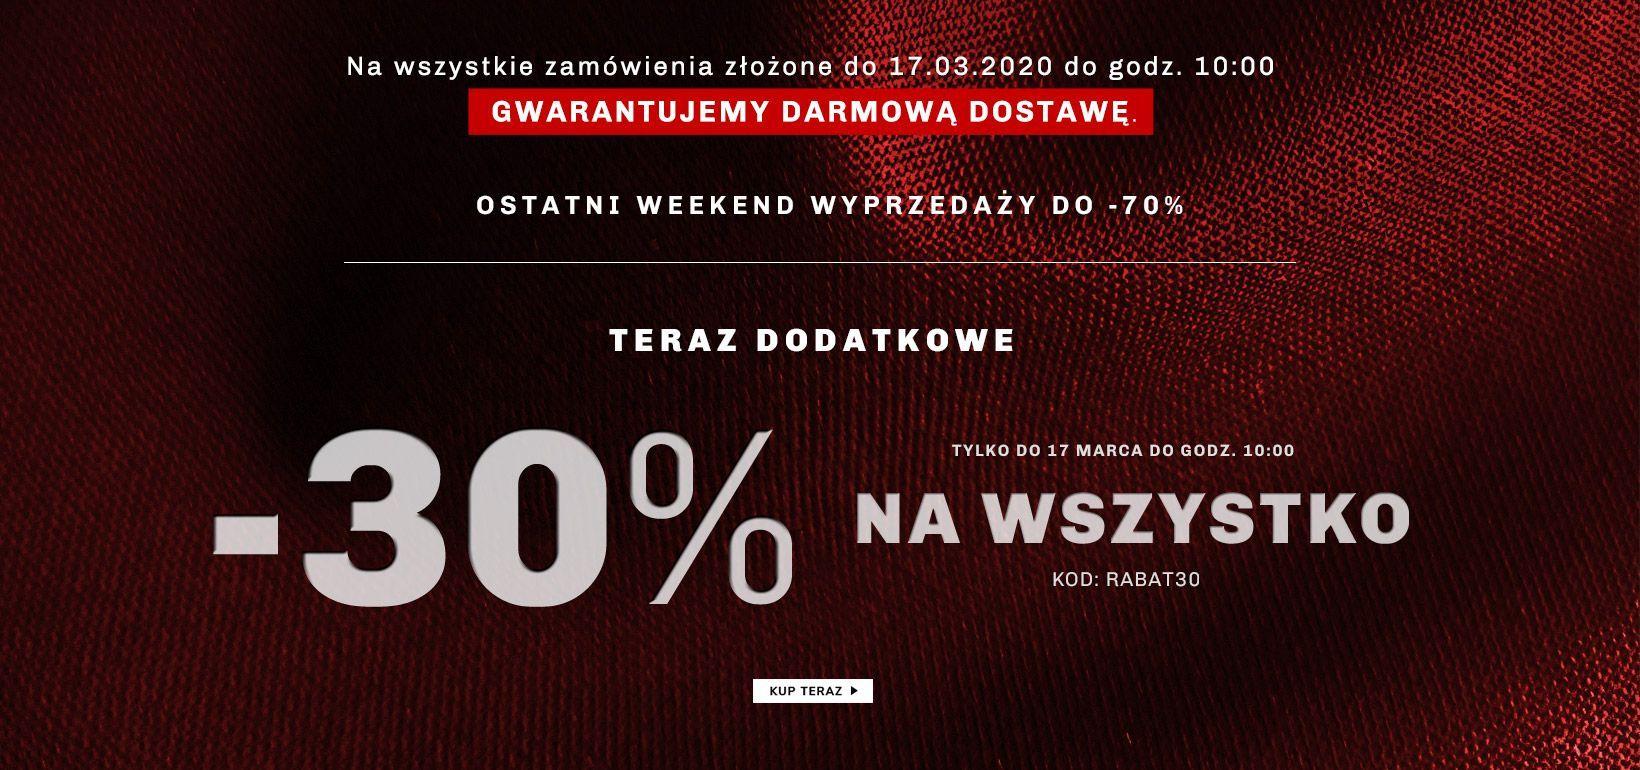 Dodatkowe 30% na oznaczony asortyment w Vistuli